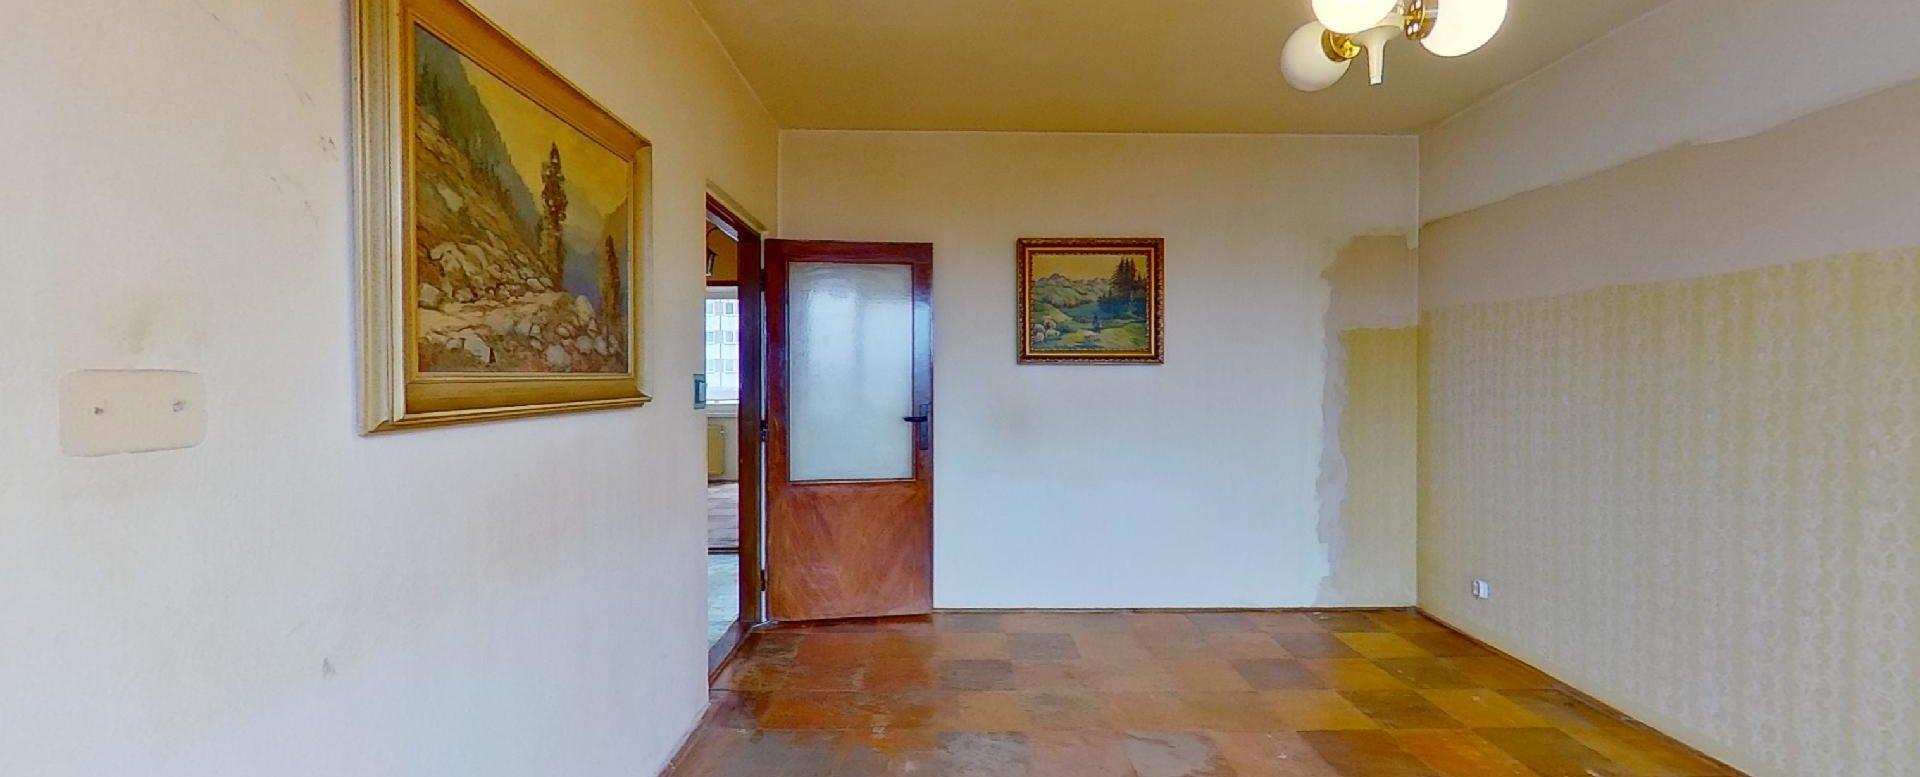 Obývačka 3-izbového bytu v pôdovnom stave na Pražskej ulici v Košiciach